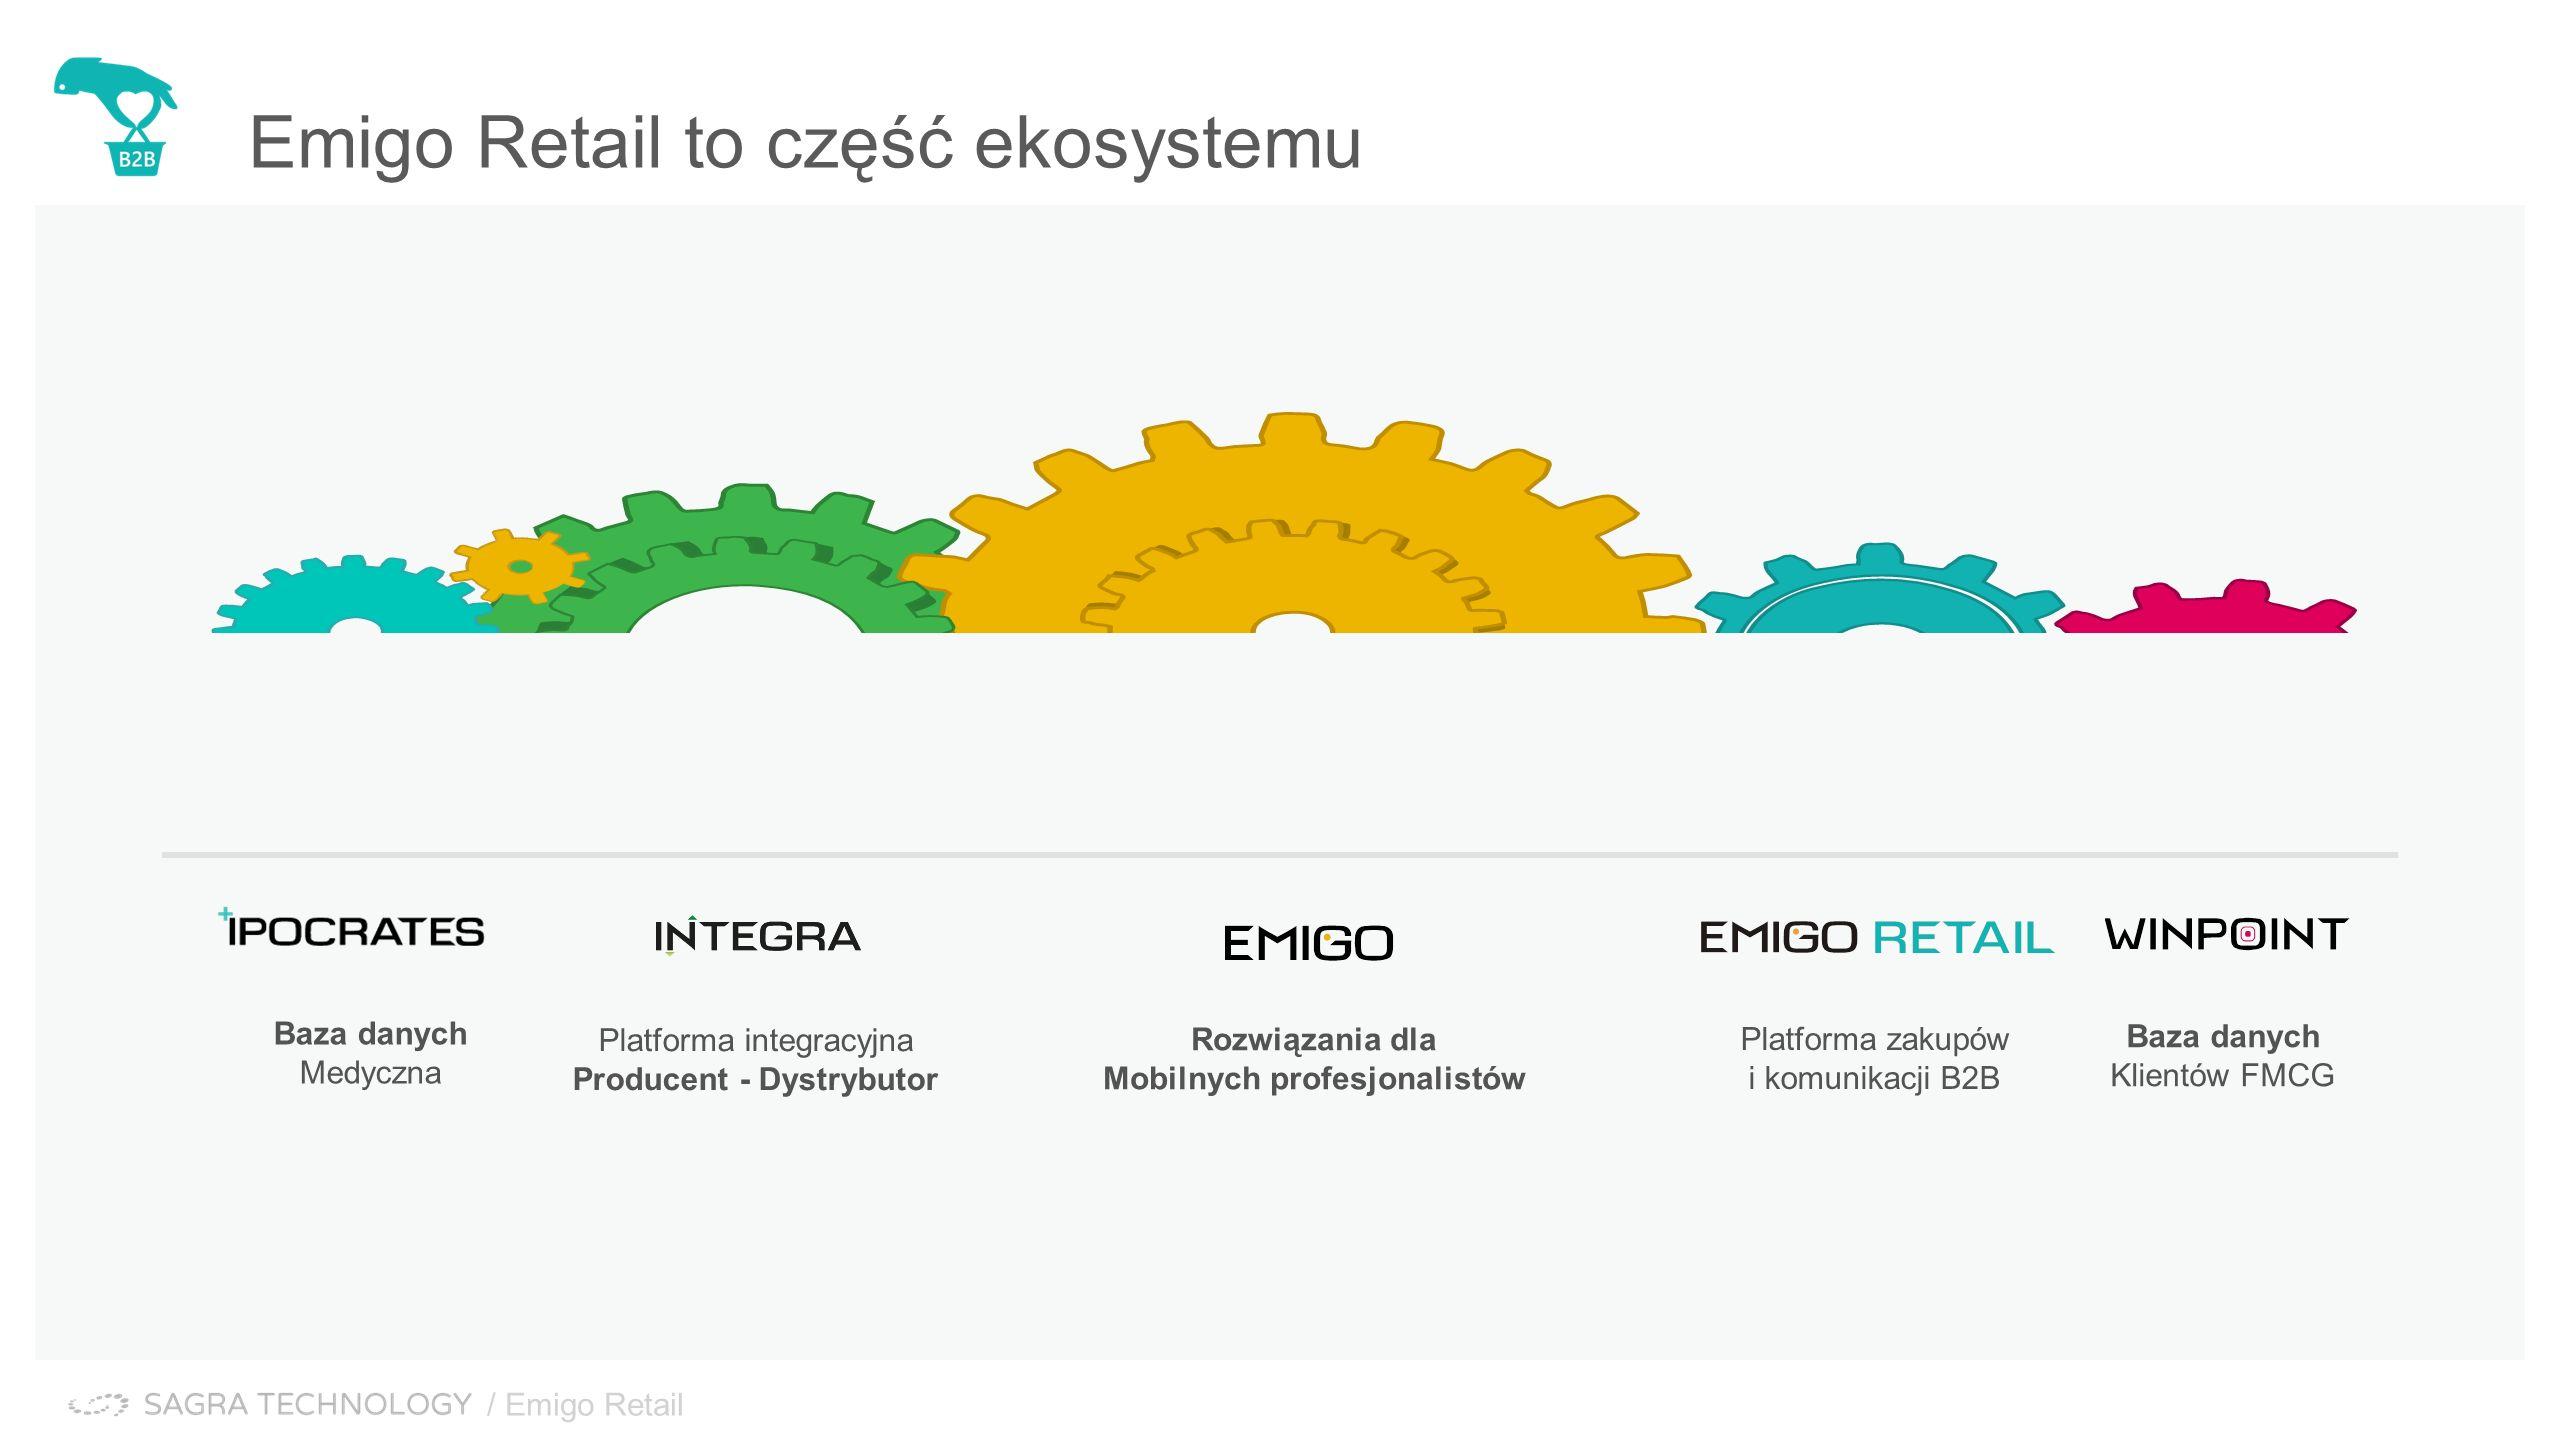 Platforma integracyjna Producent - Dystrybutor Rozwiązania dla Mobilnych profesjonalistów Baza danych Medyczna Baza danych Klientów FMCG Emigo Retail to część ekosystemu Platforma zakupów i komunikacji B2B / Emigo Retail